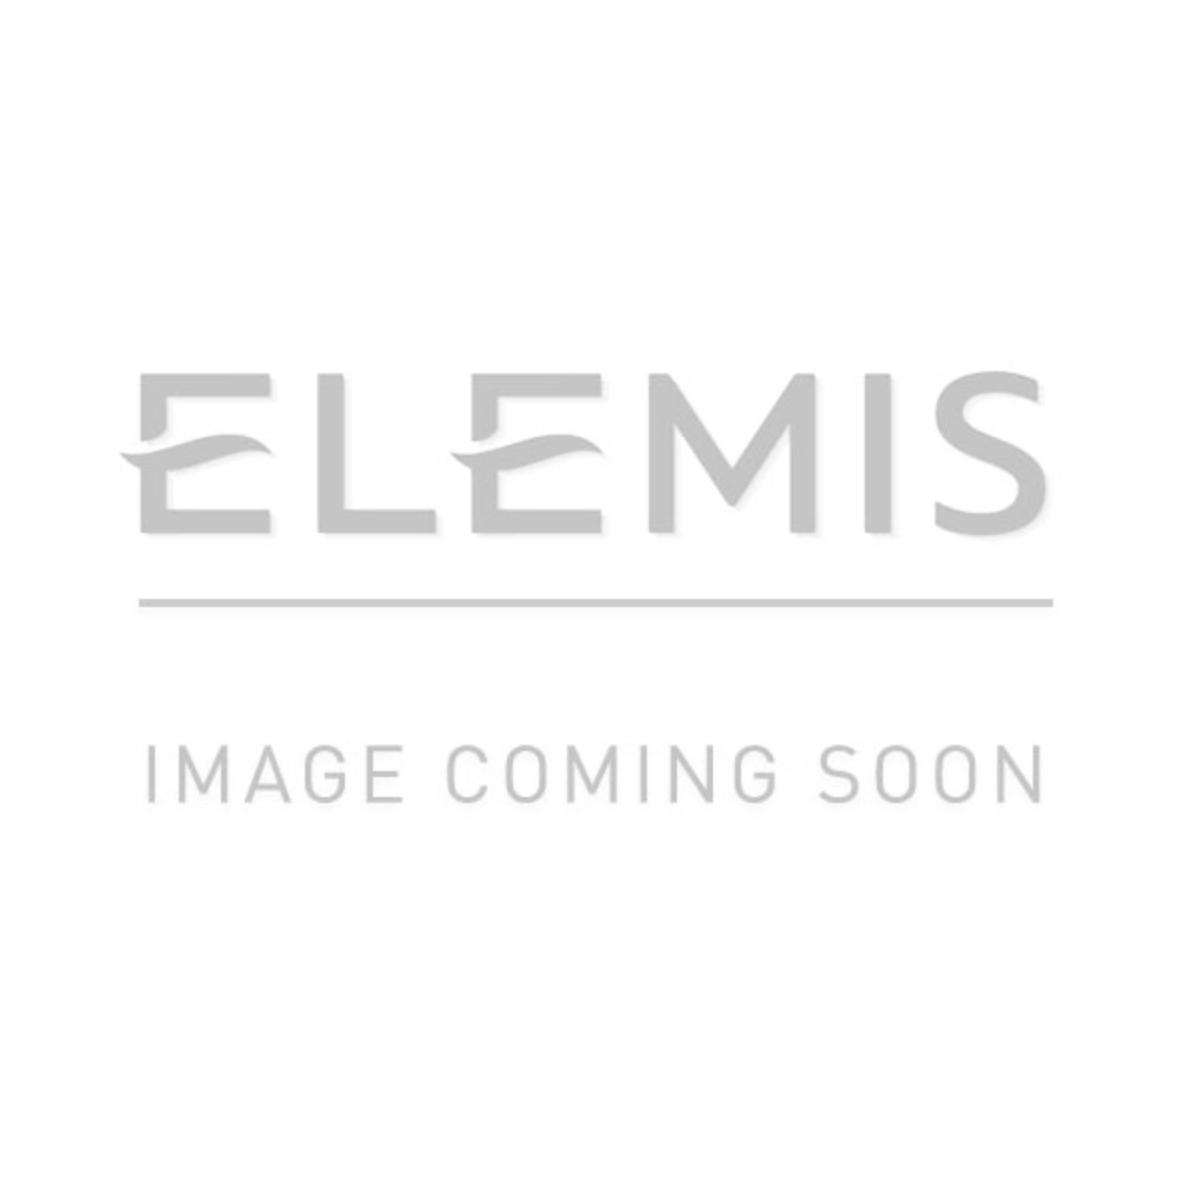 Elemis Life Elixirs Sleep Candle